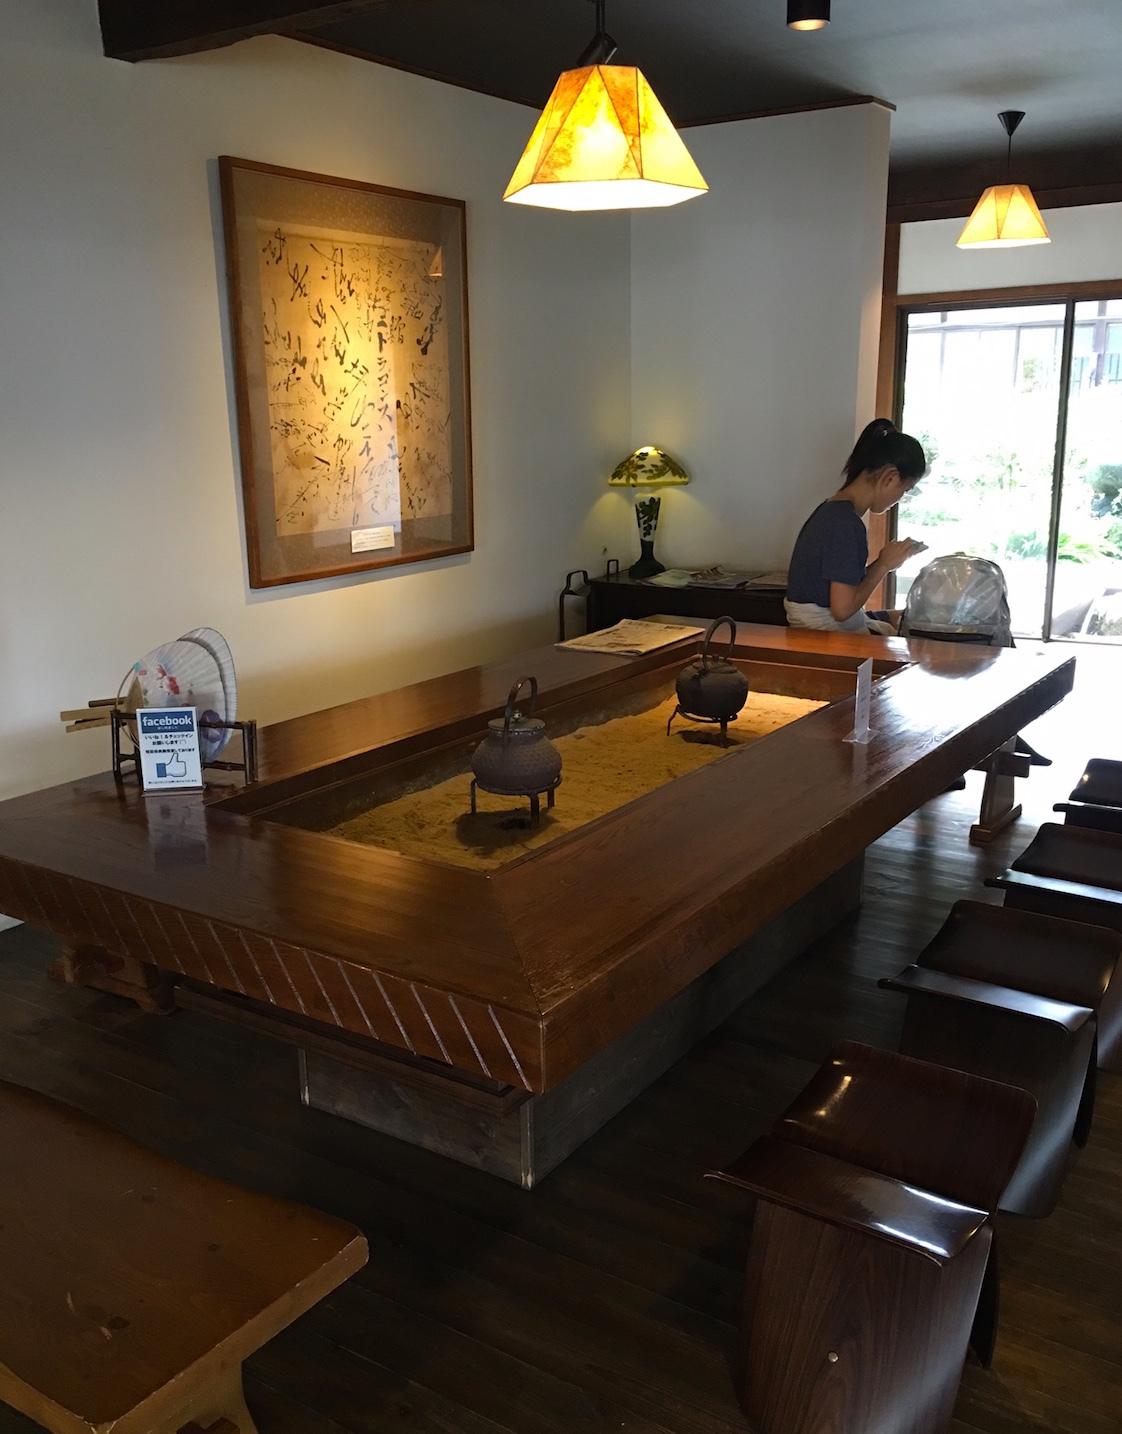 日本の旅、その3、井筒楼/ Japan Trip 3, Izutsuro_e0310424_18165601.jpg